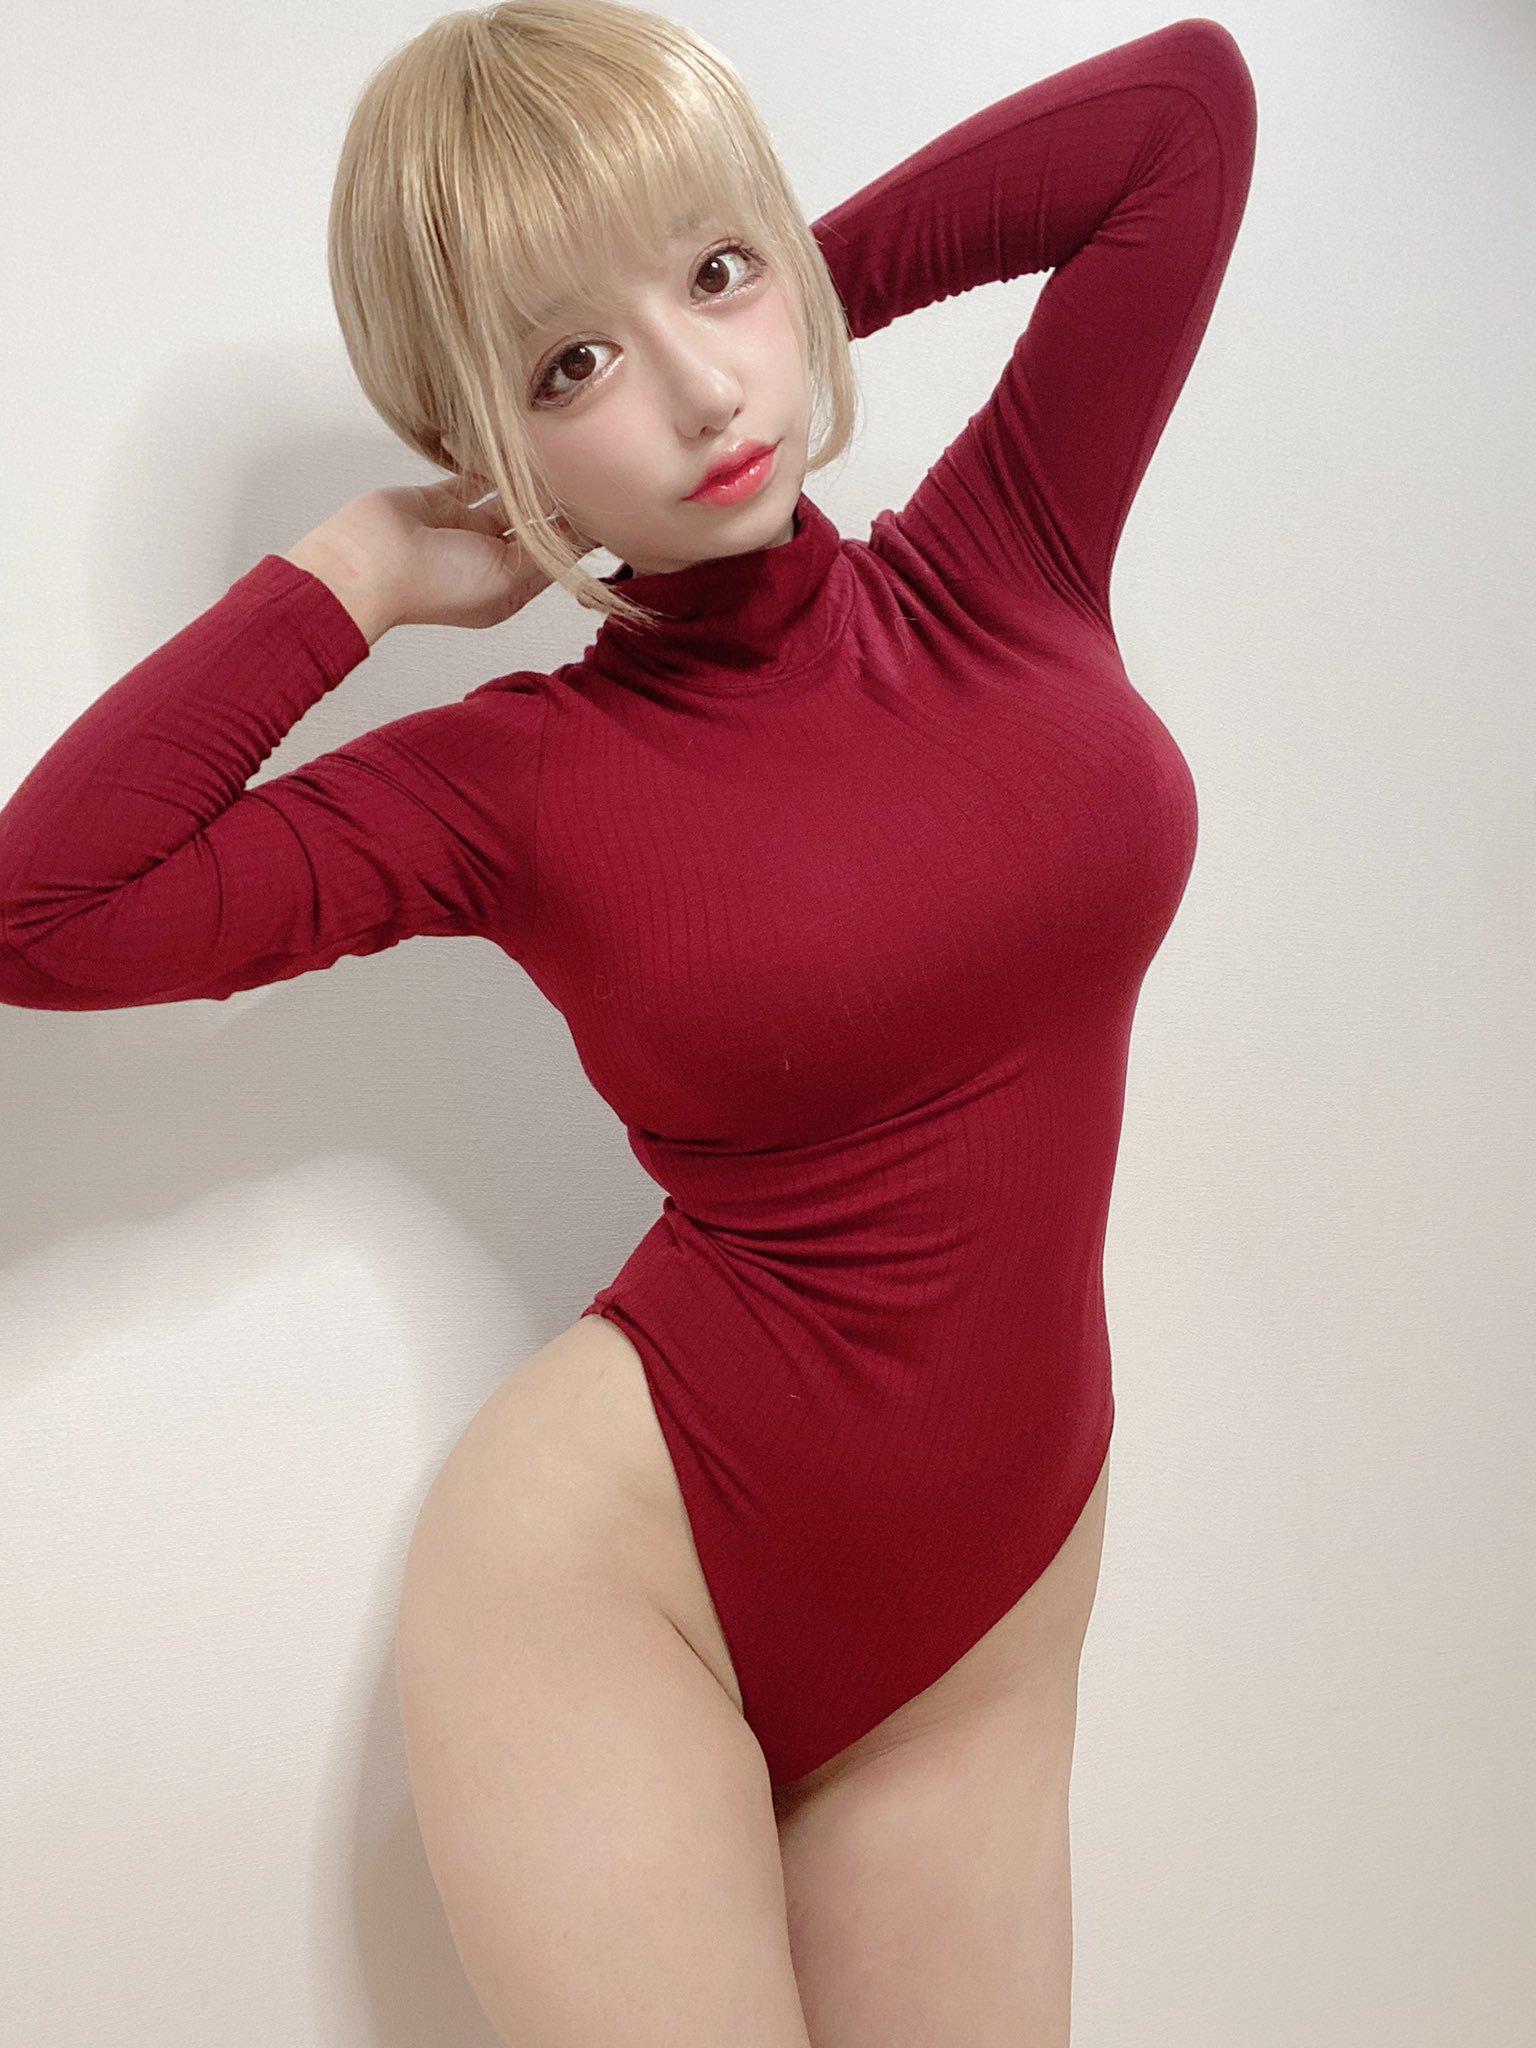 樱花小妹@ふぇりすみにょん 示范优衣裤工口新衣 涨姿势 热图11